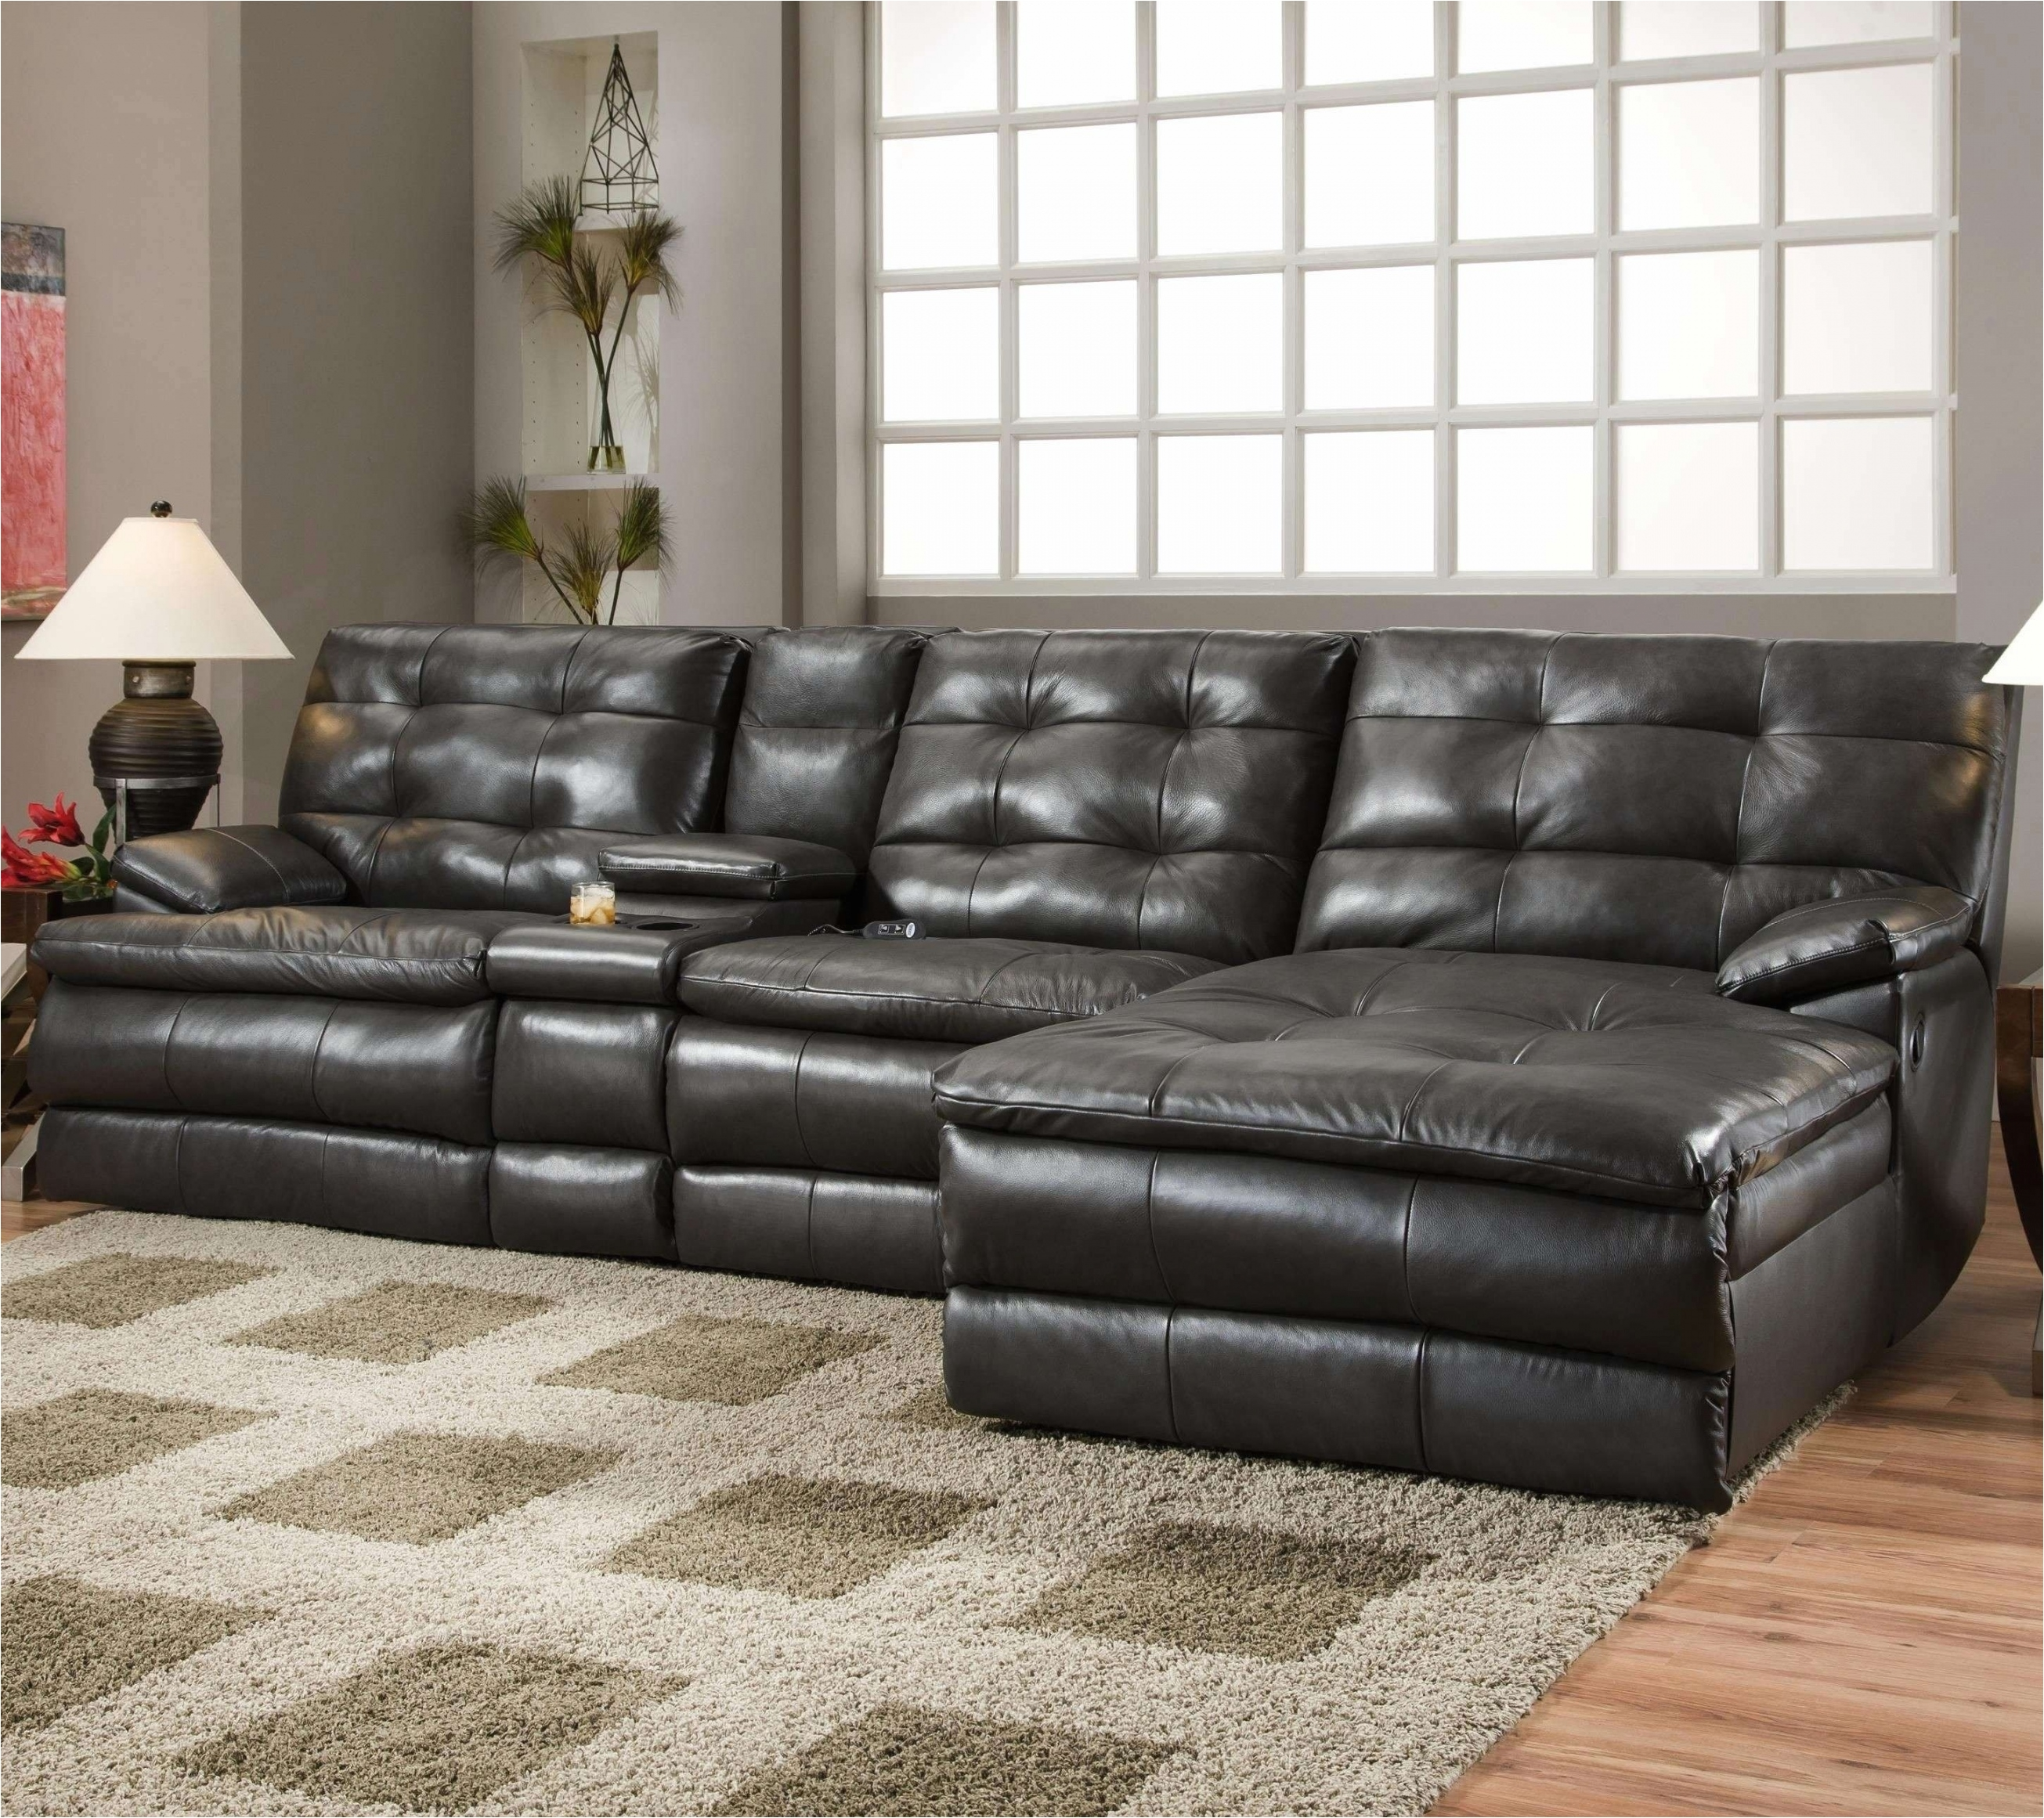 couch mit schlaffunktion ikea luxus sofa mit bettfunktion scha¶n recamiere schlaffunktion 0d archives bilder couch